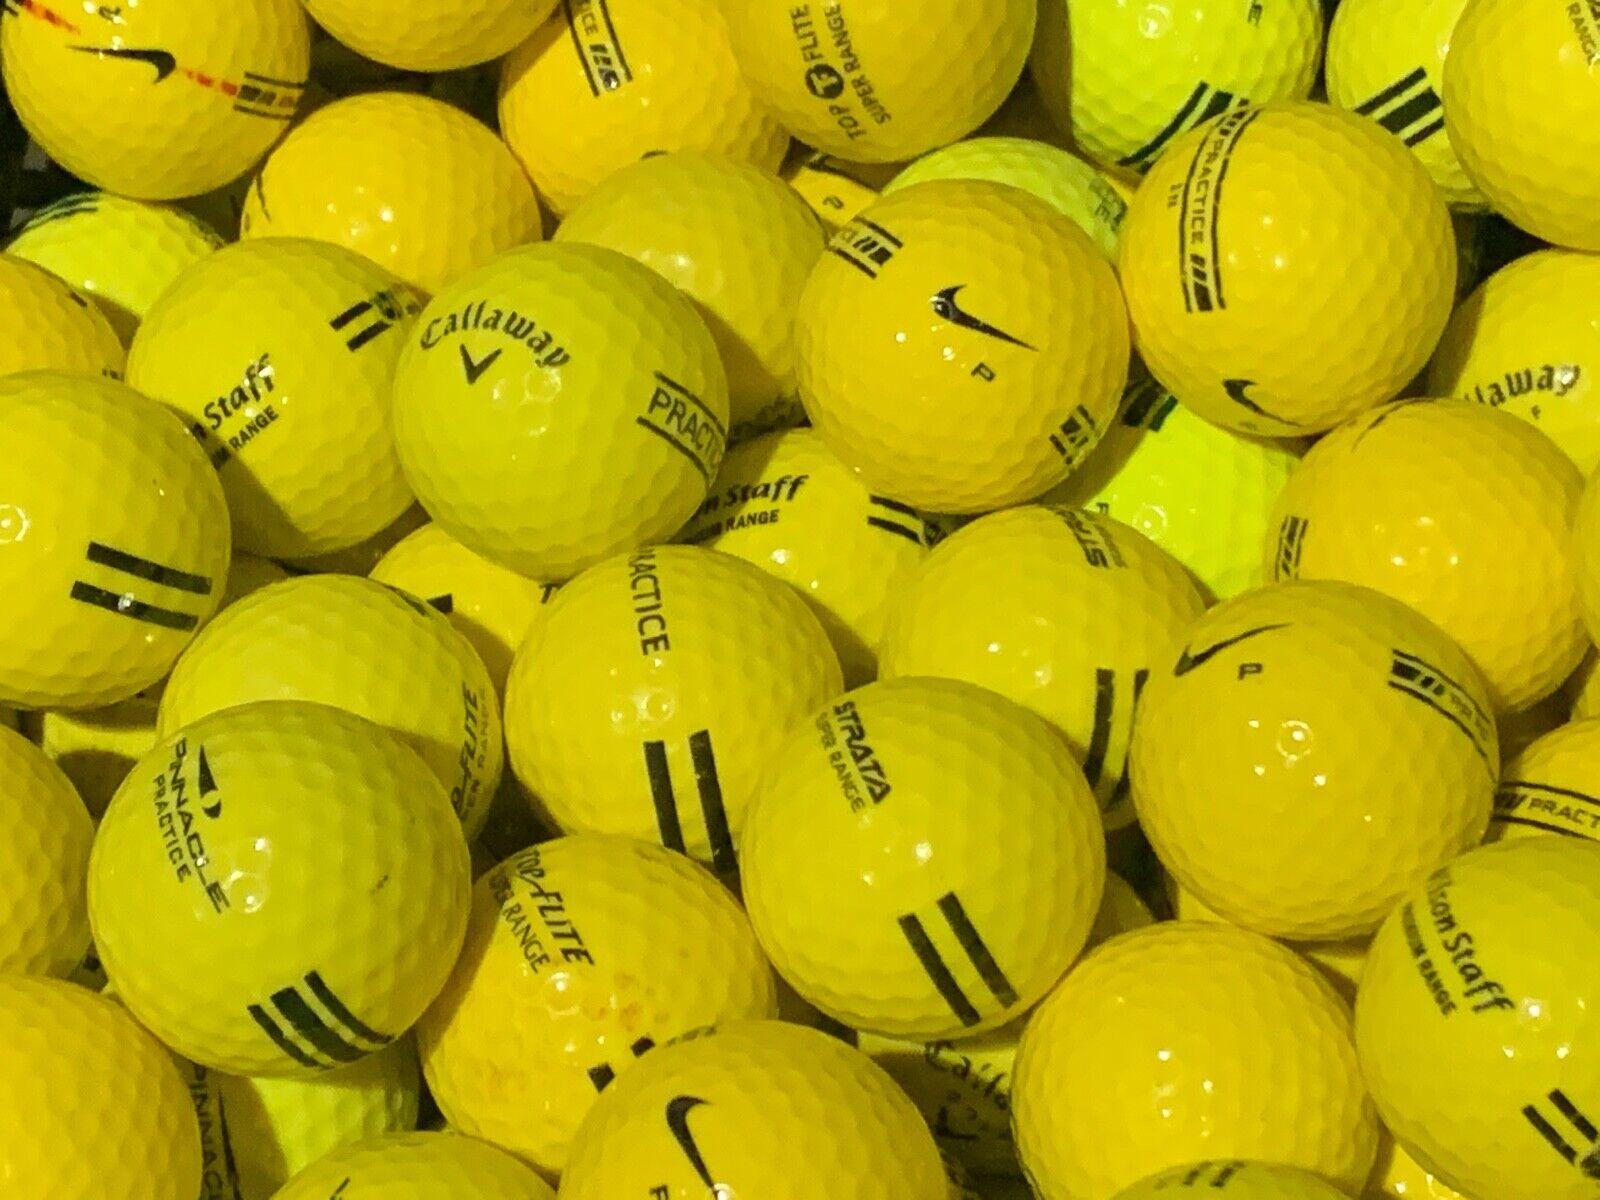 100 Yellow Mix Range Balls  AAAA / AAAAA Used Practice Golf Balls